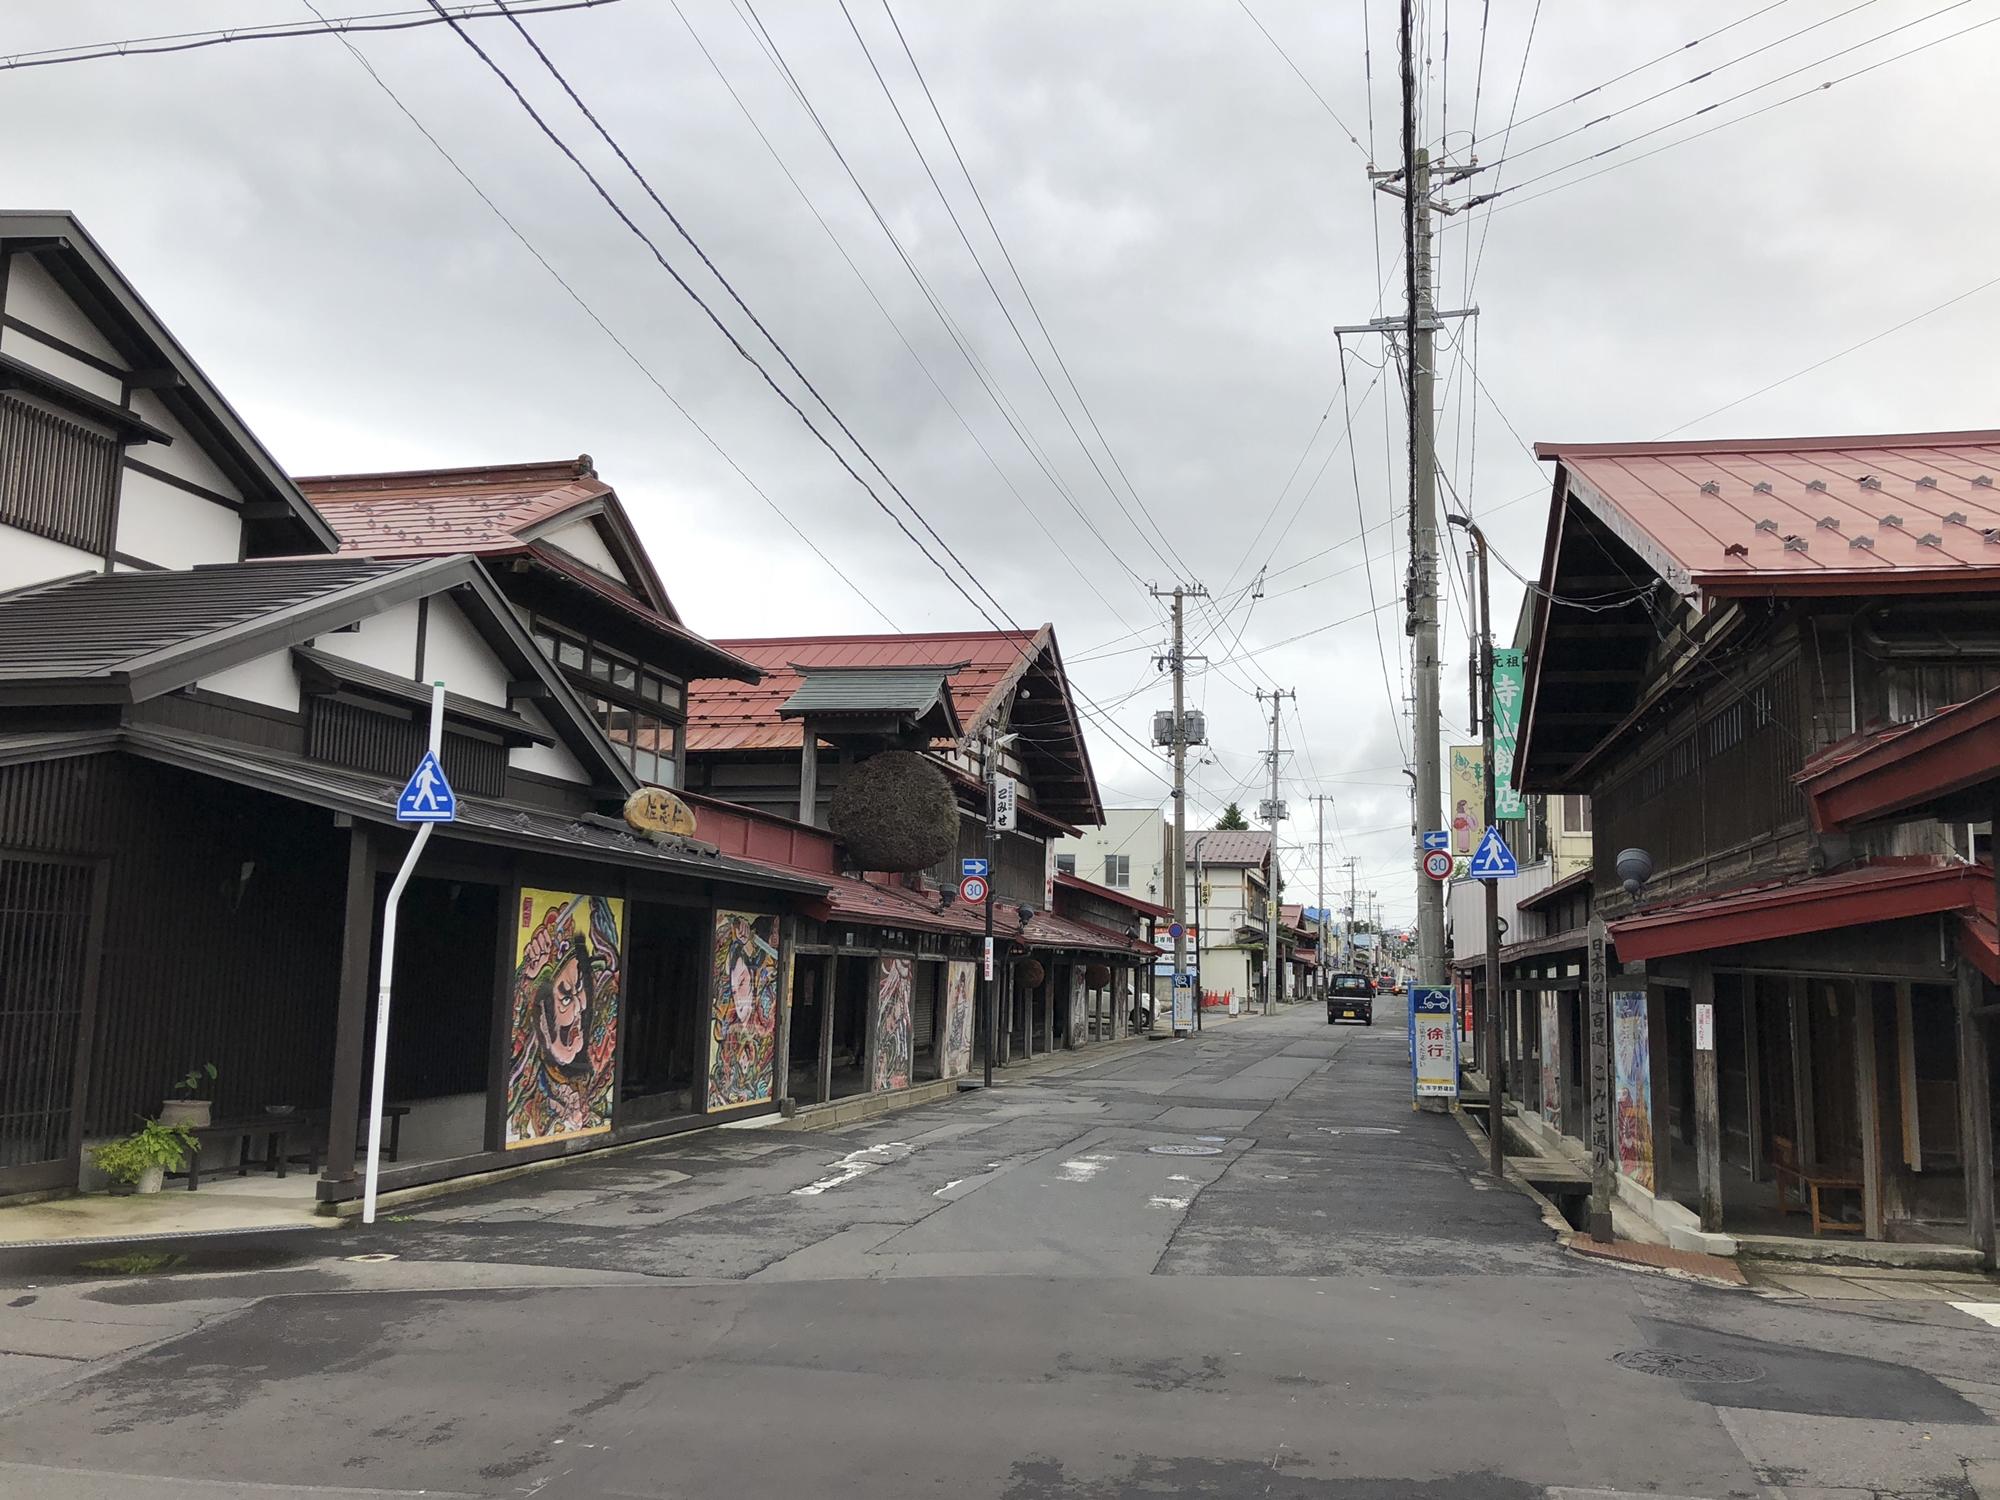 f:id:mitatowa:20181005183747j:plain